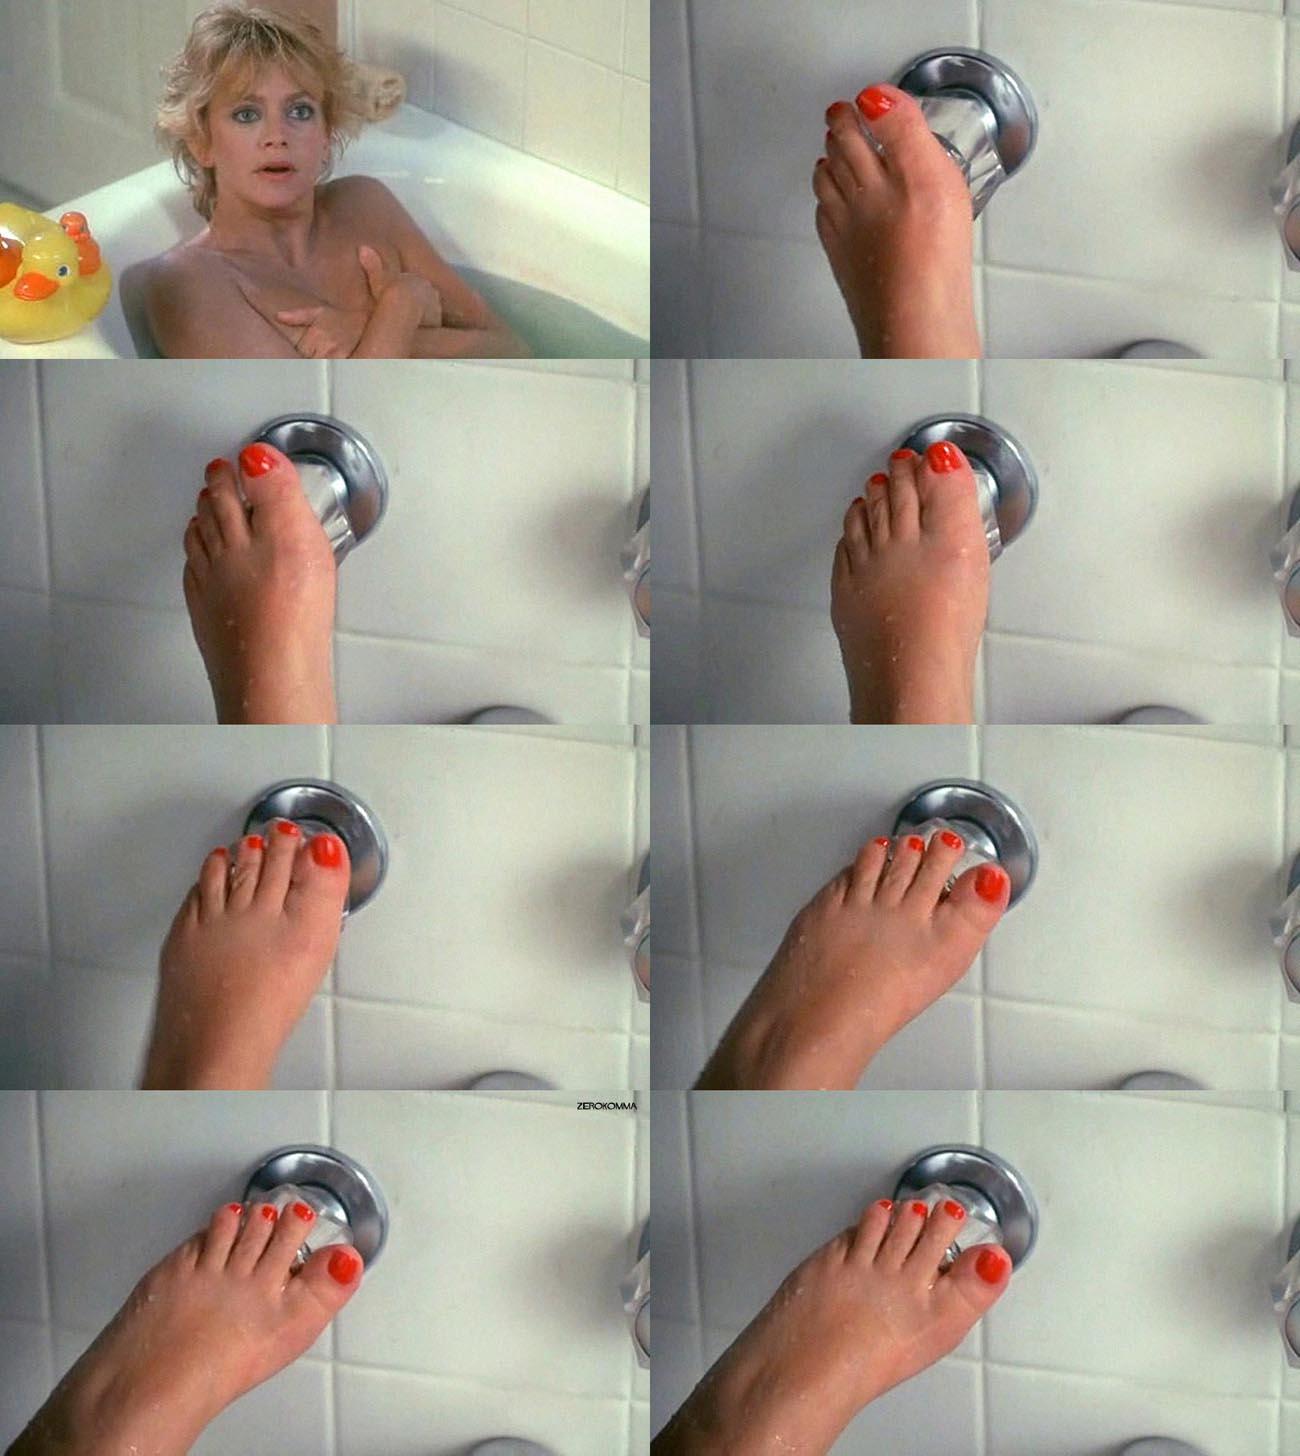 http://1.bp.blogspot.com/_vBAIG6nJkGY/TRpYC0SzE2I/AAAAAAAAFw4/bDjPc7a652k/s1600/Goldie-Hawn-Feet-2876041.jpg